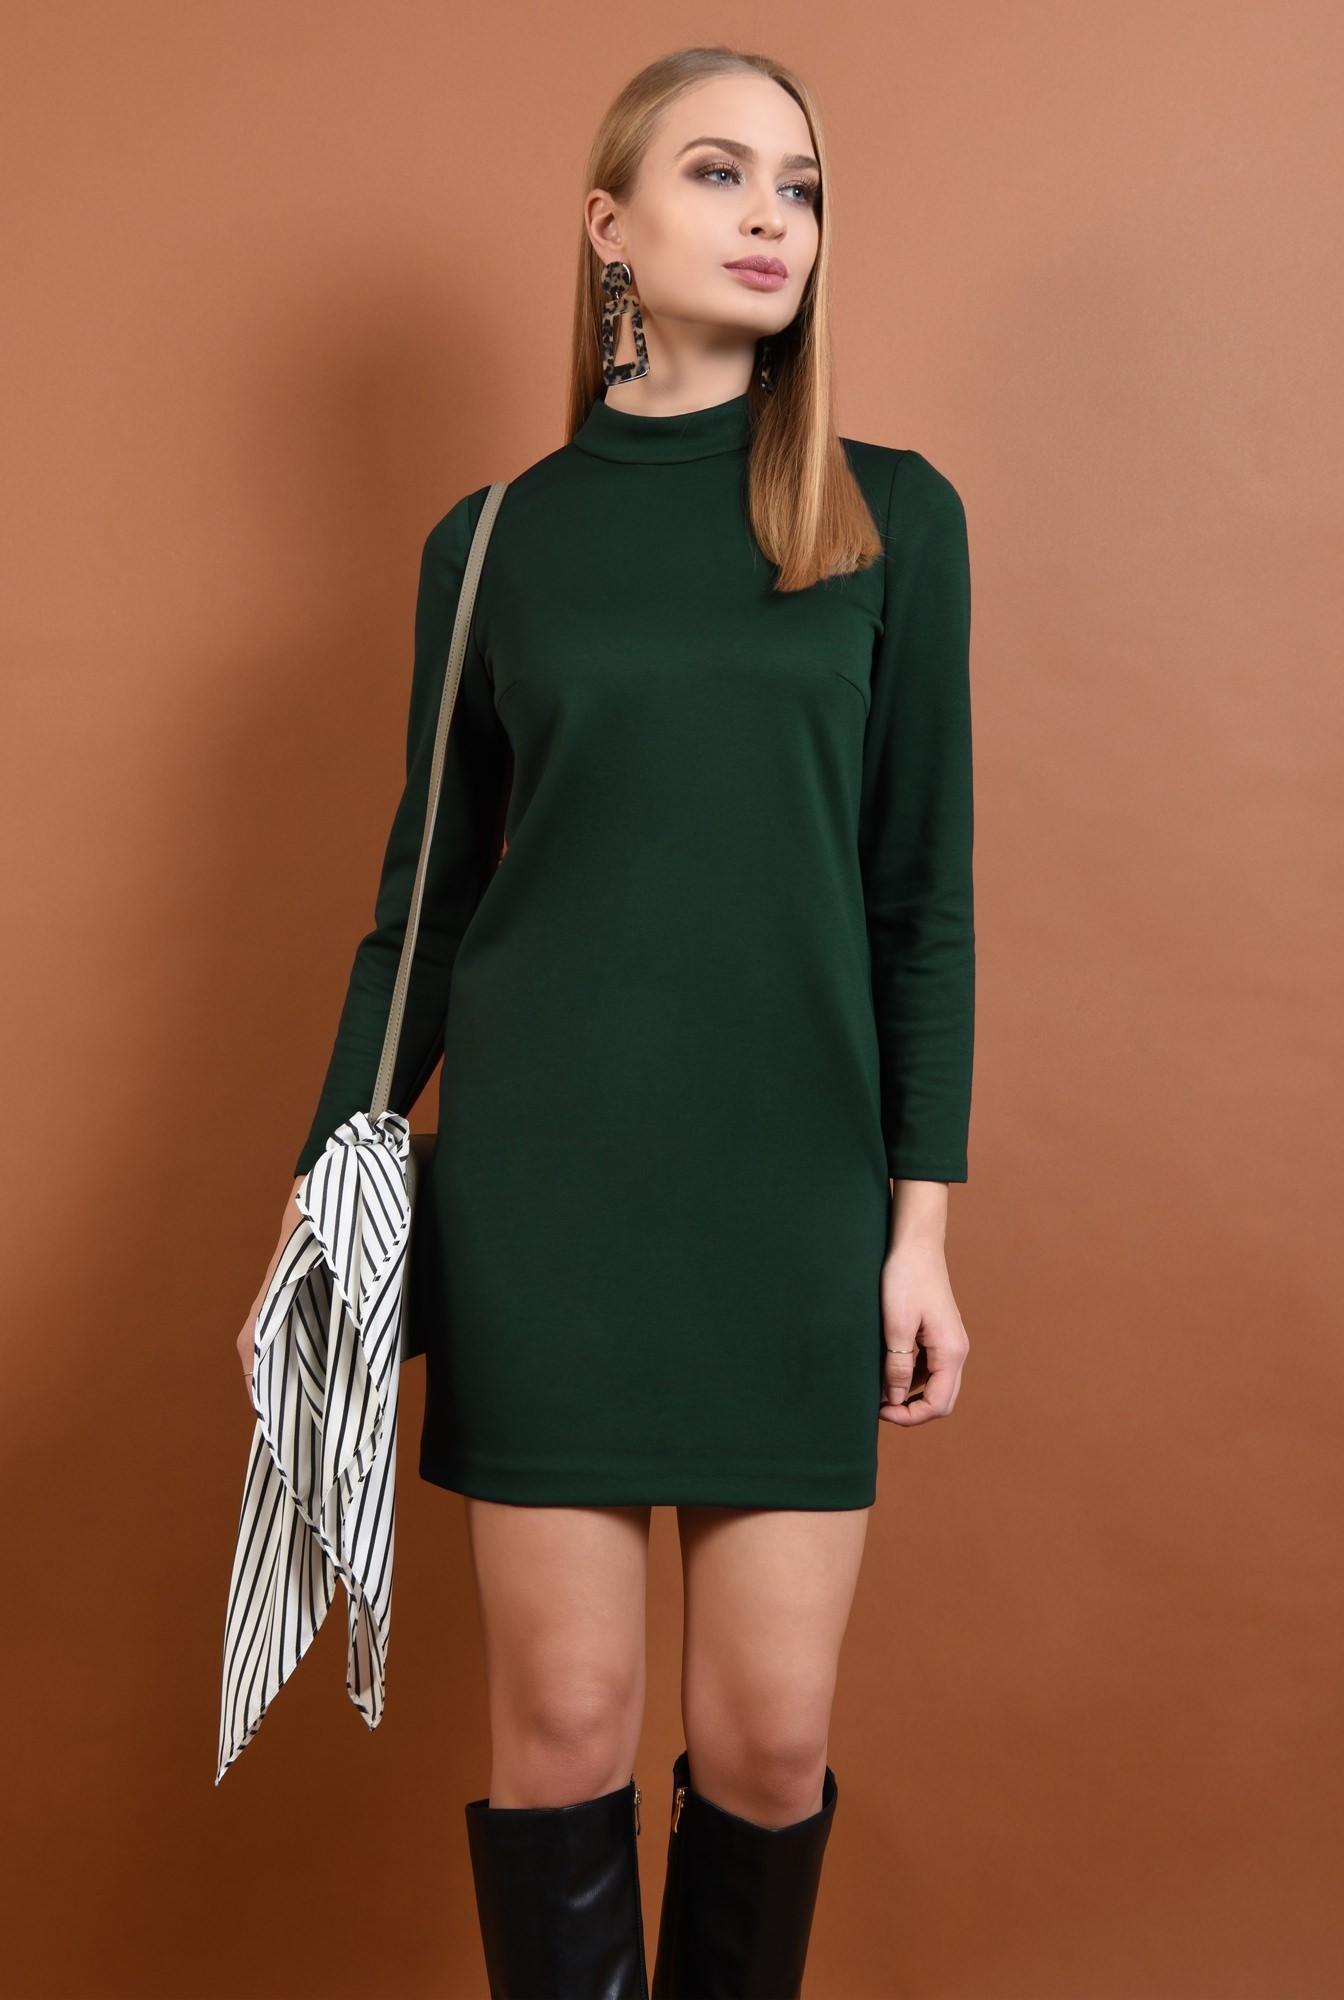 2 - 360 - rochie casual, scurta, verde, maneci lungi, guler inalt